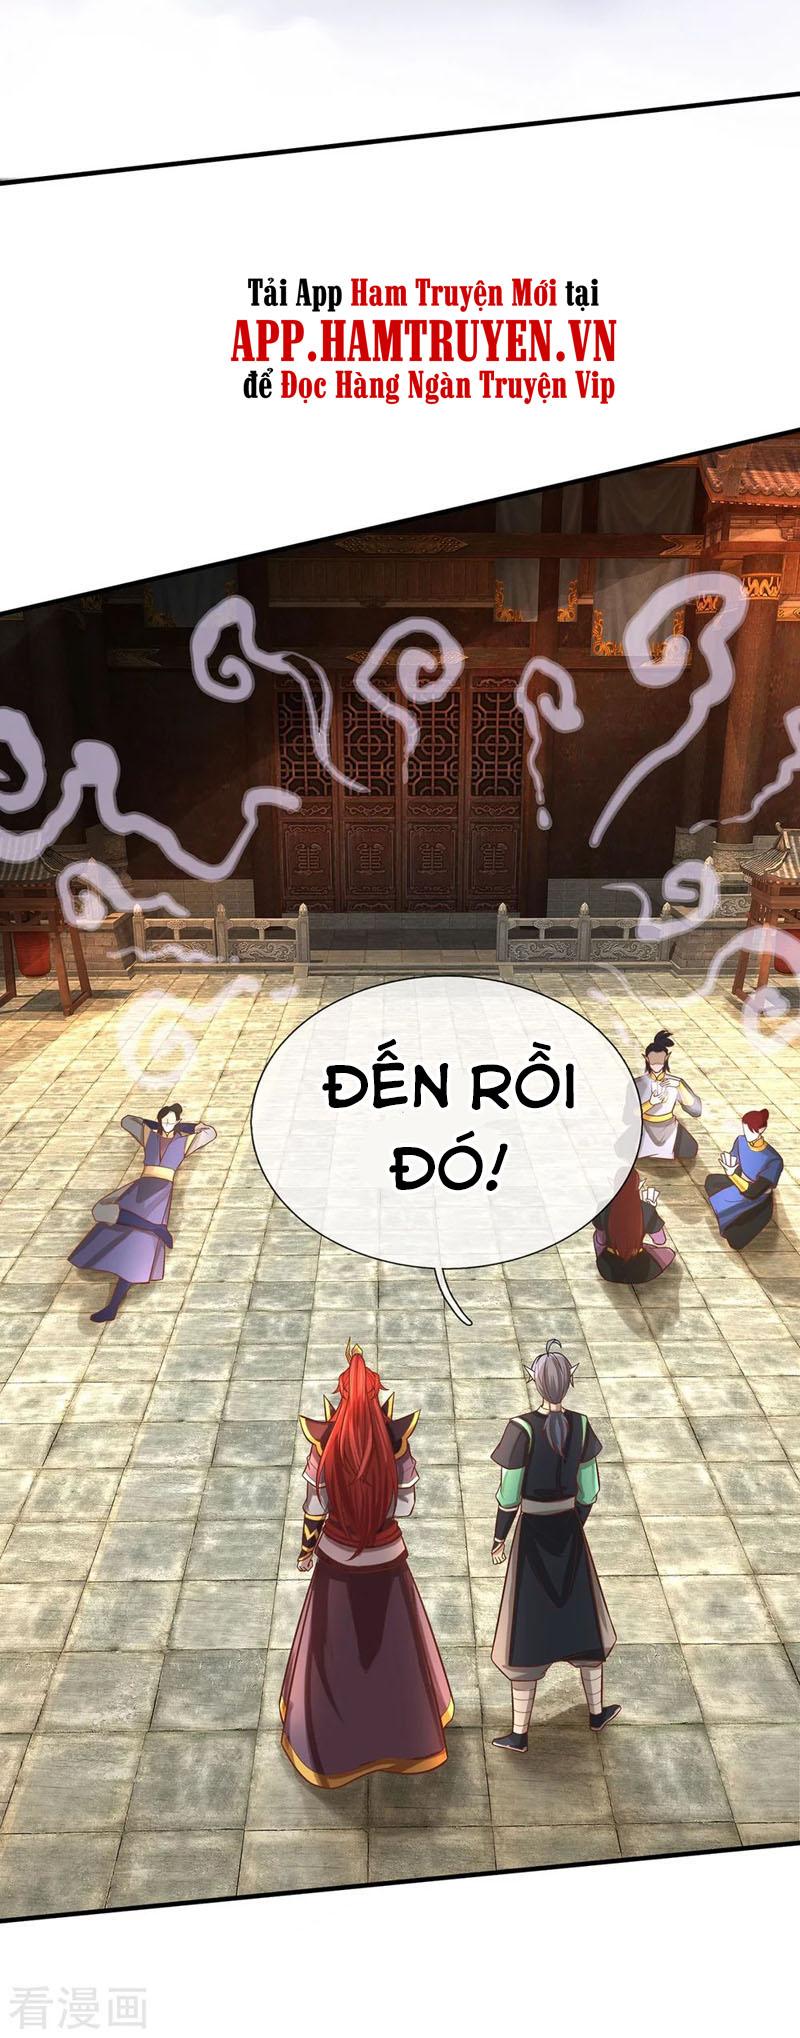 Đại Ma Hoàng Thường Ngày Phiền Não Chương 80 - Vcomic.net